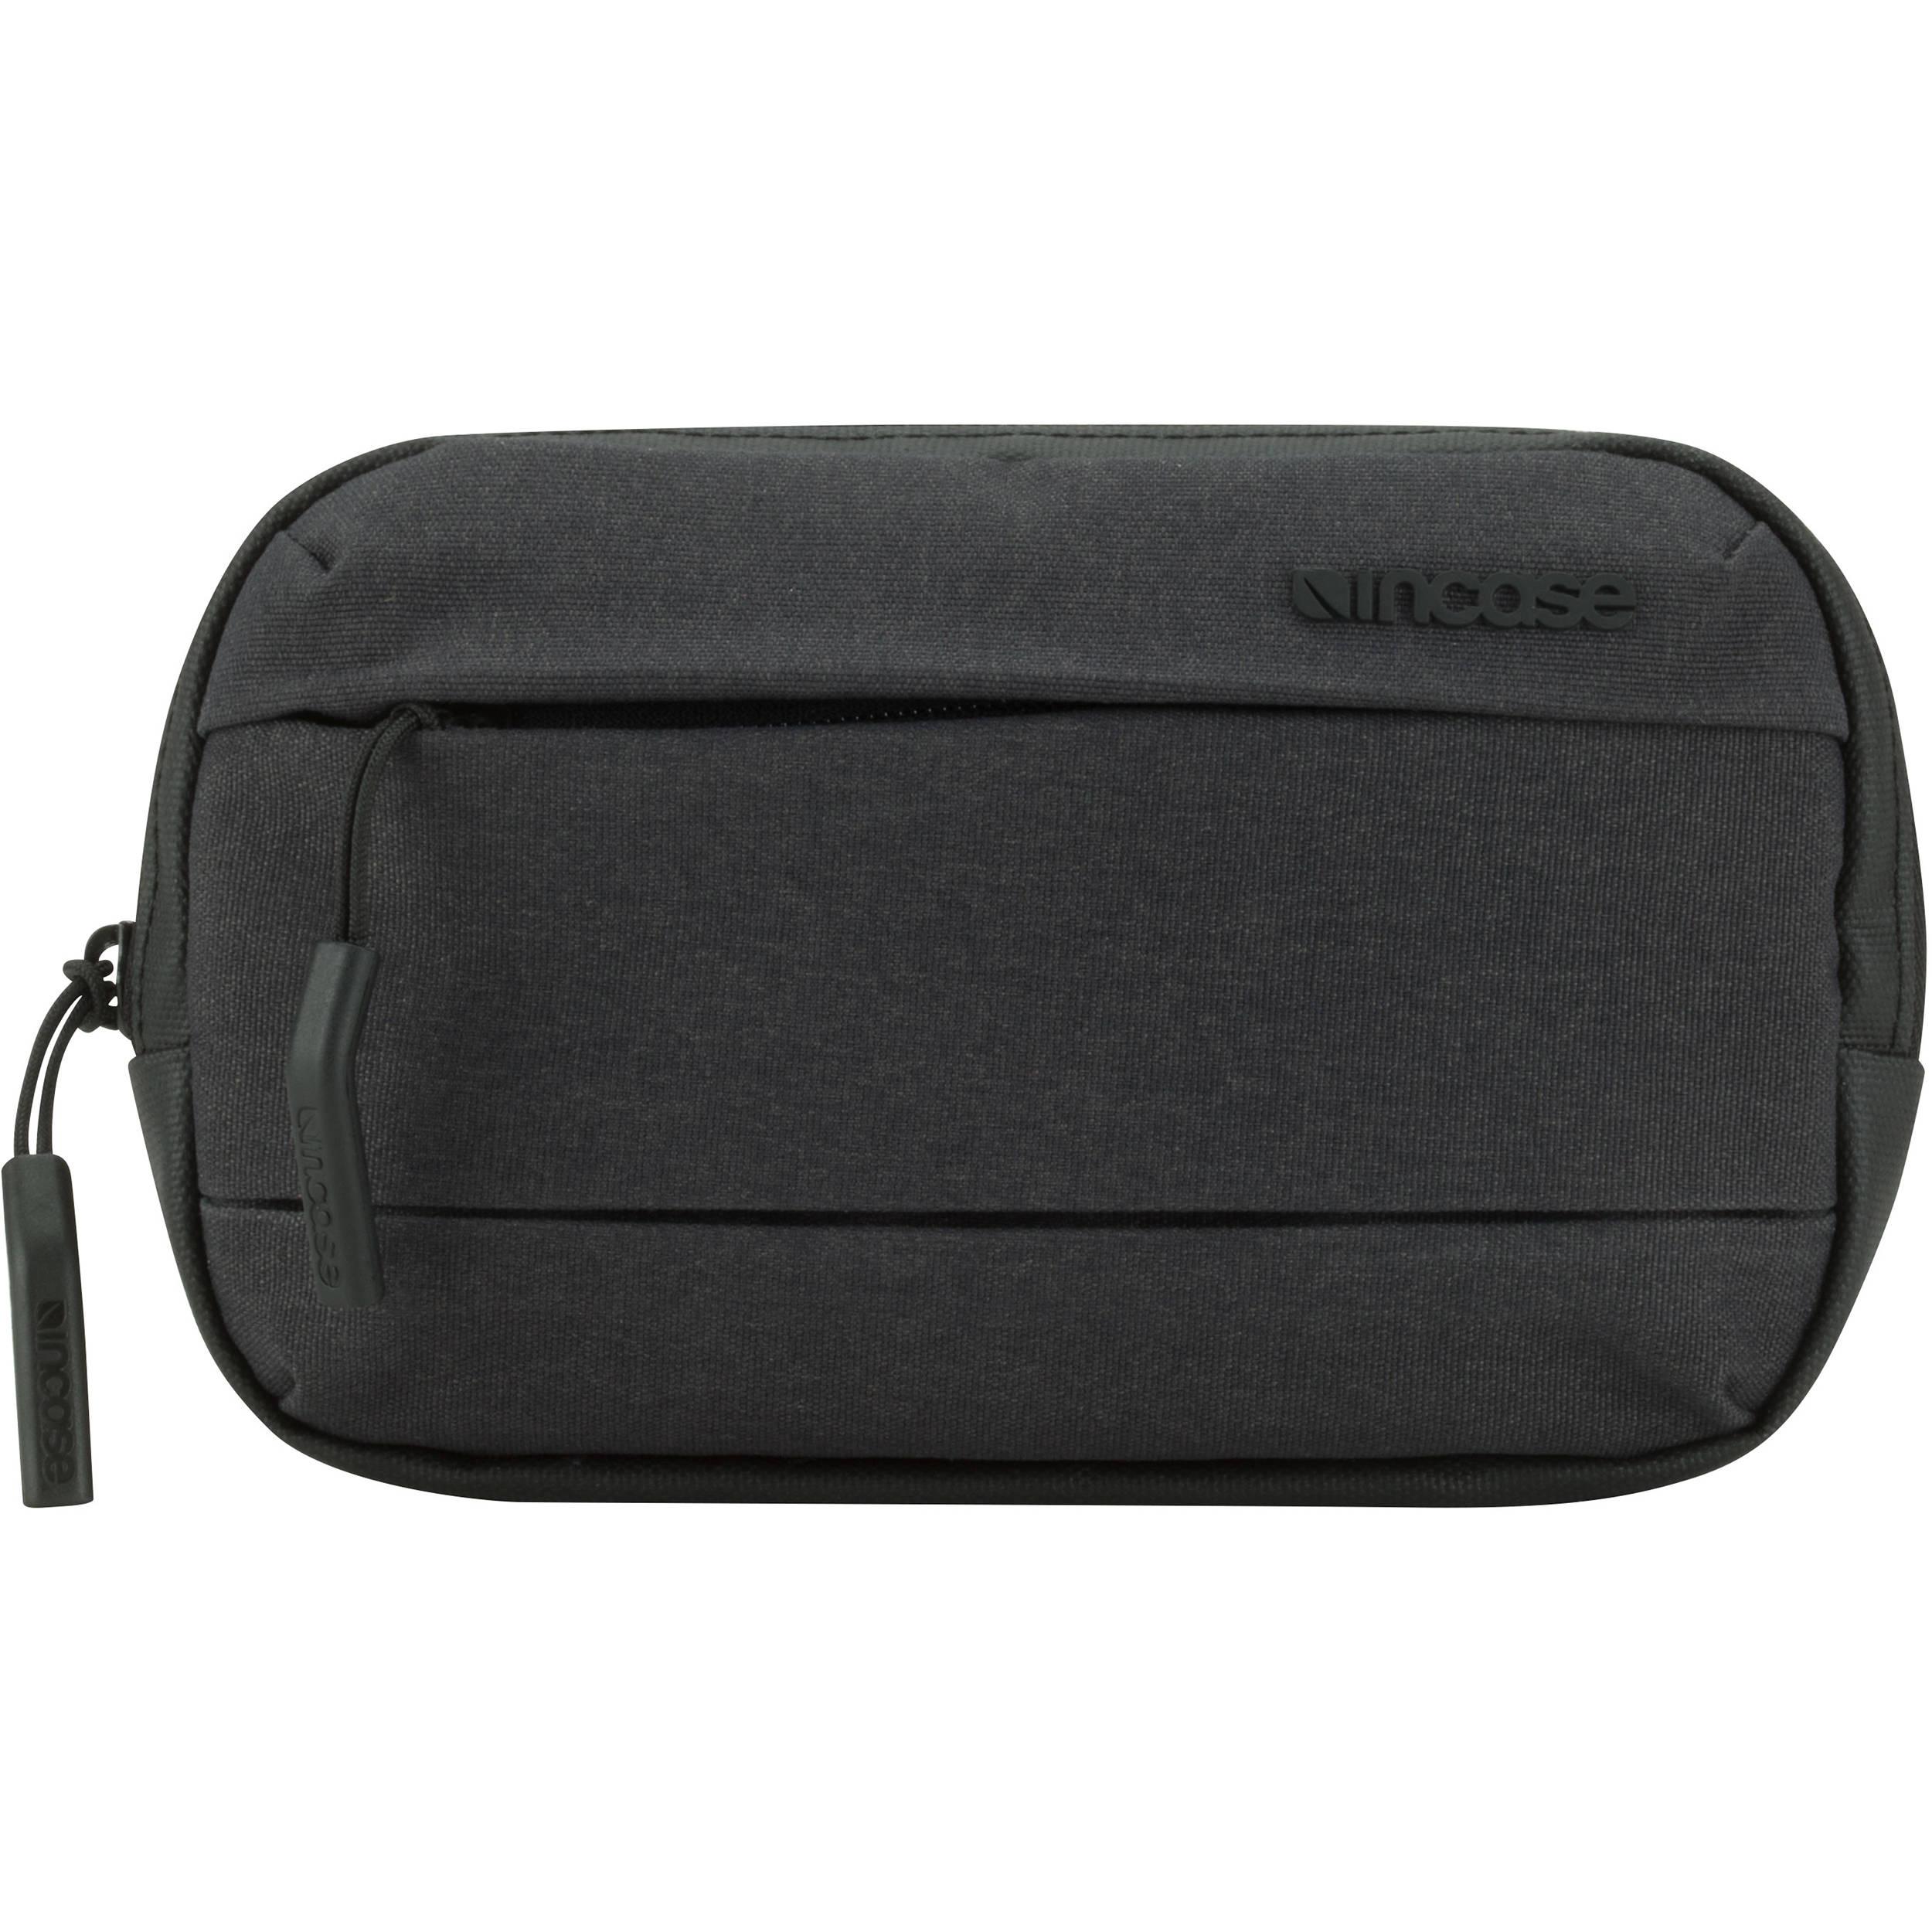 a93e29ad9bc Incase Designs Corp City Accessory Pouch (Black) INCO400174-BLK